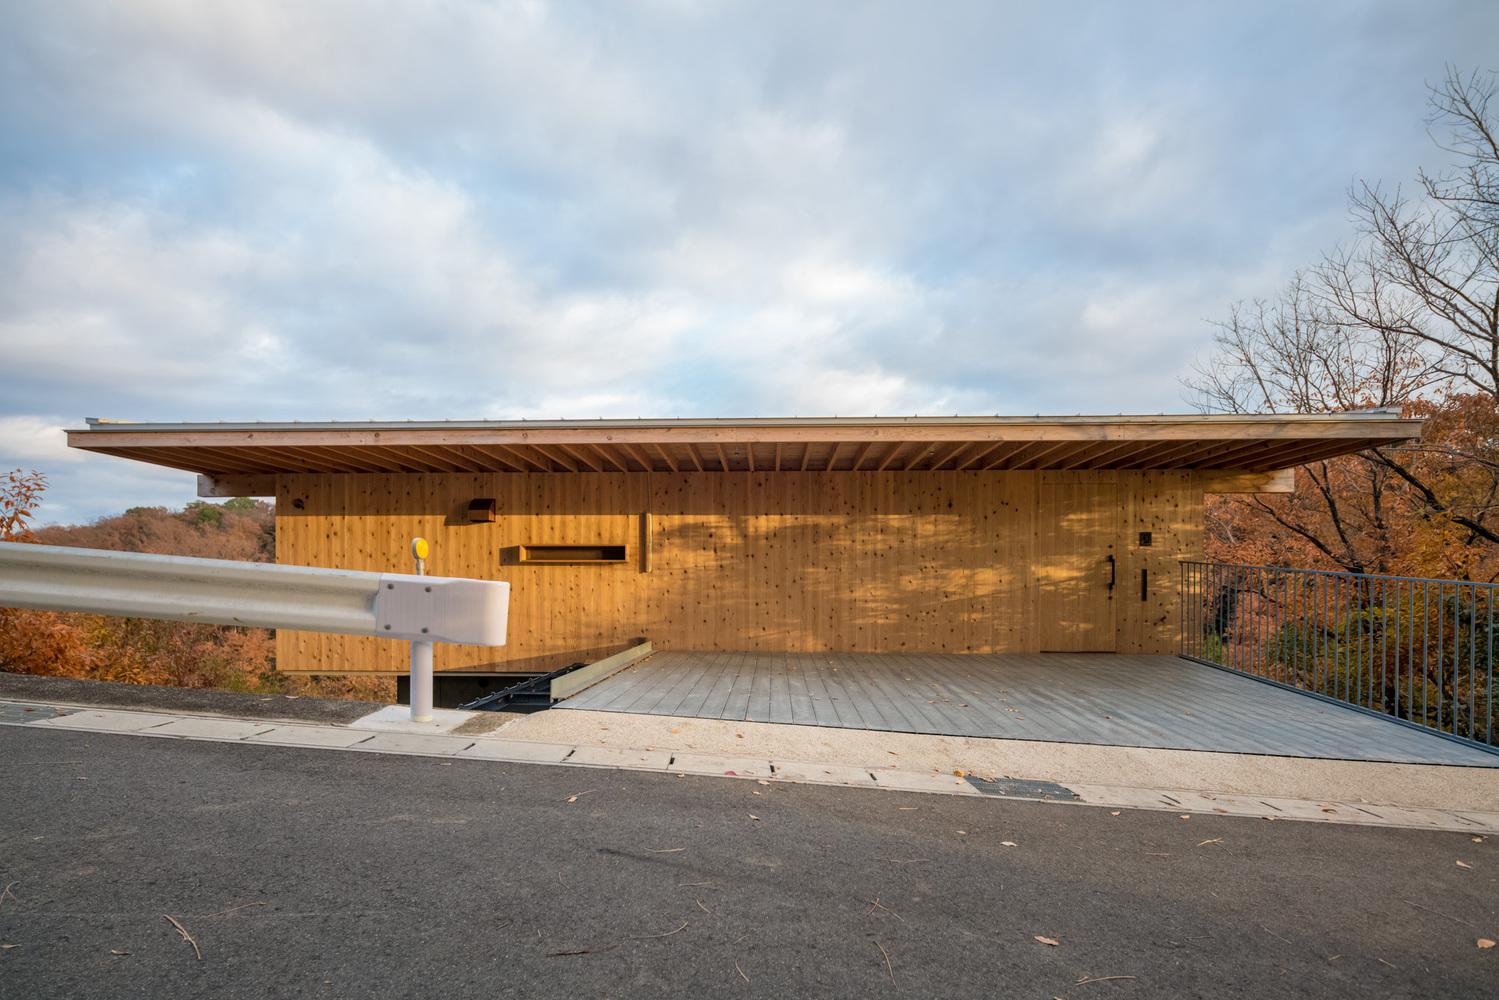 Hình ảnh ngôi nhà có thiết kế độc đáo với tầng 3 tiếp nối với mặt đường